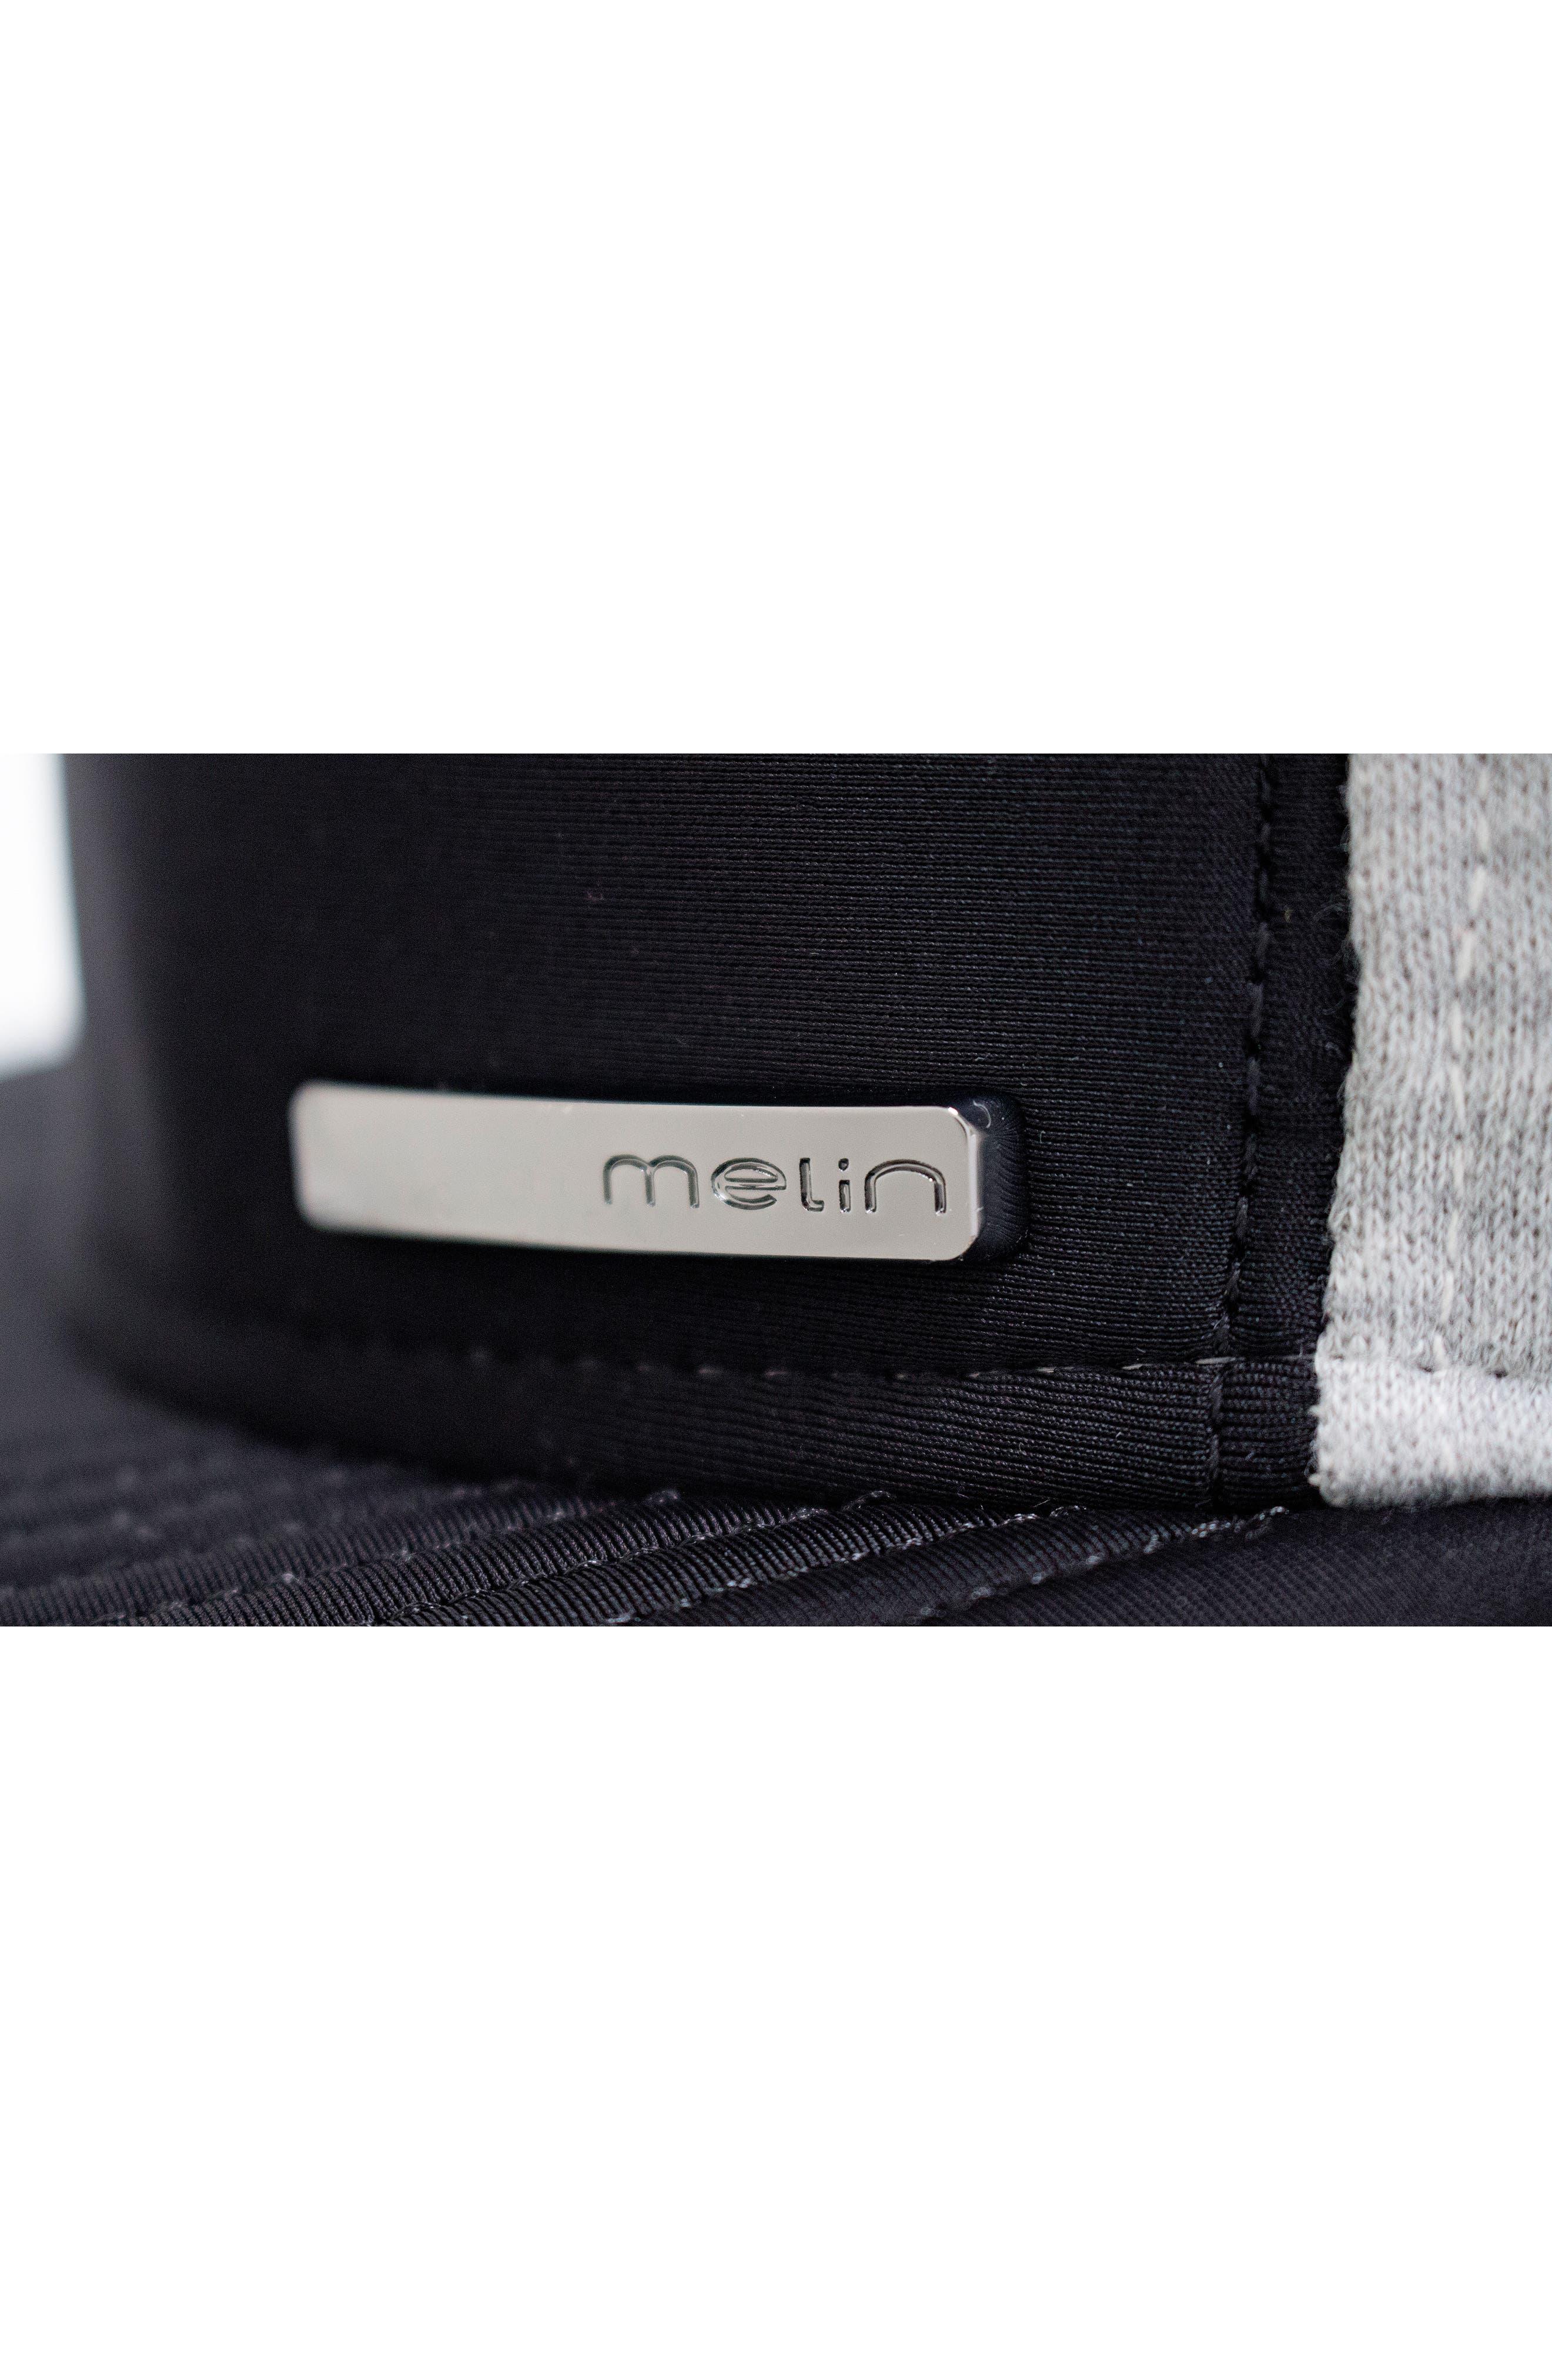 online store 90e2f 3cc81 MELIN MINI BAR SNAPBACK CAP - BLACK, BLACK  ROSE